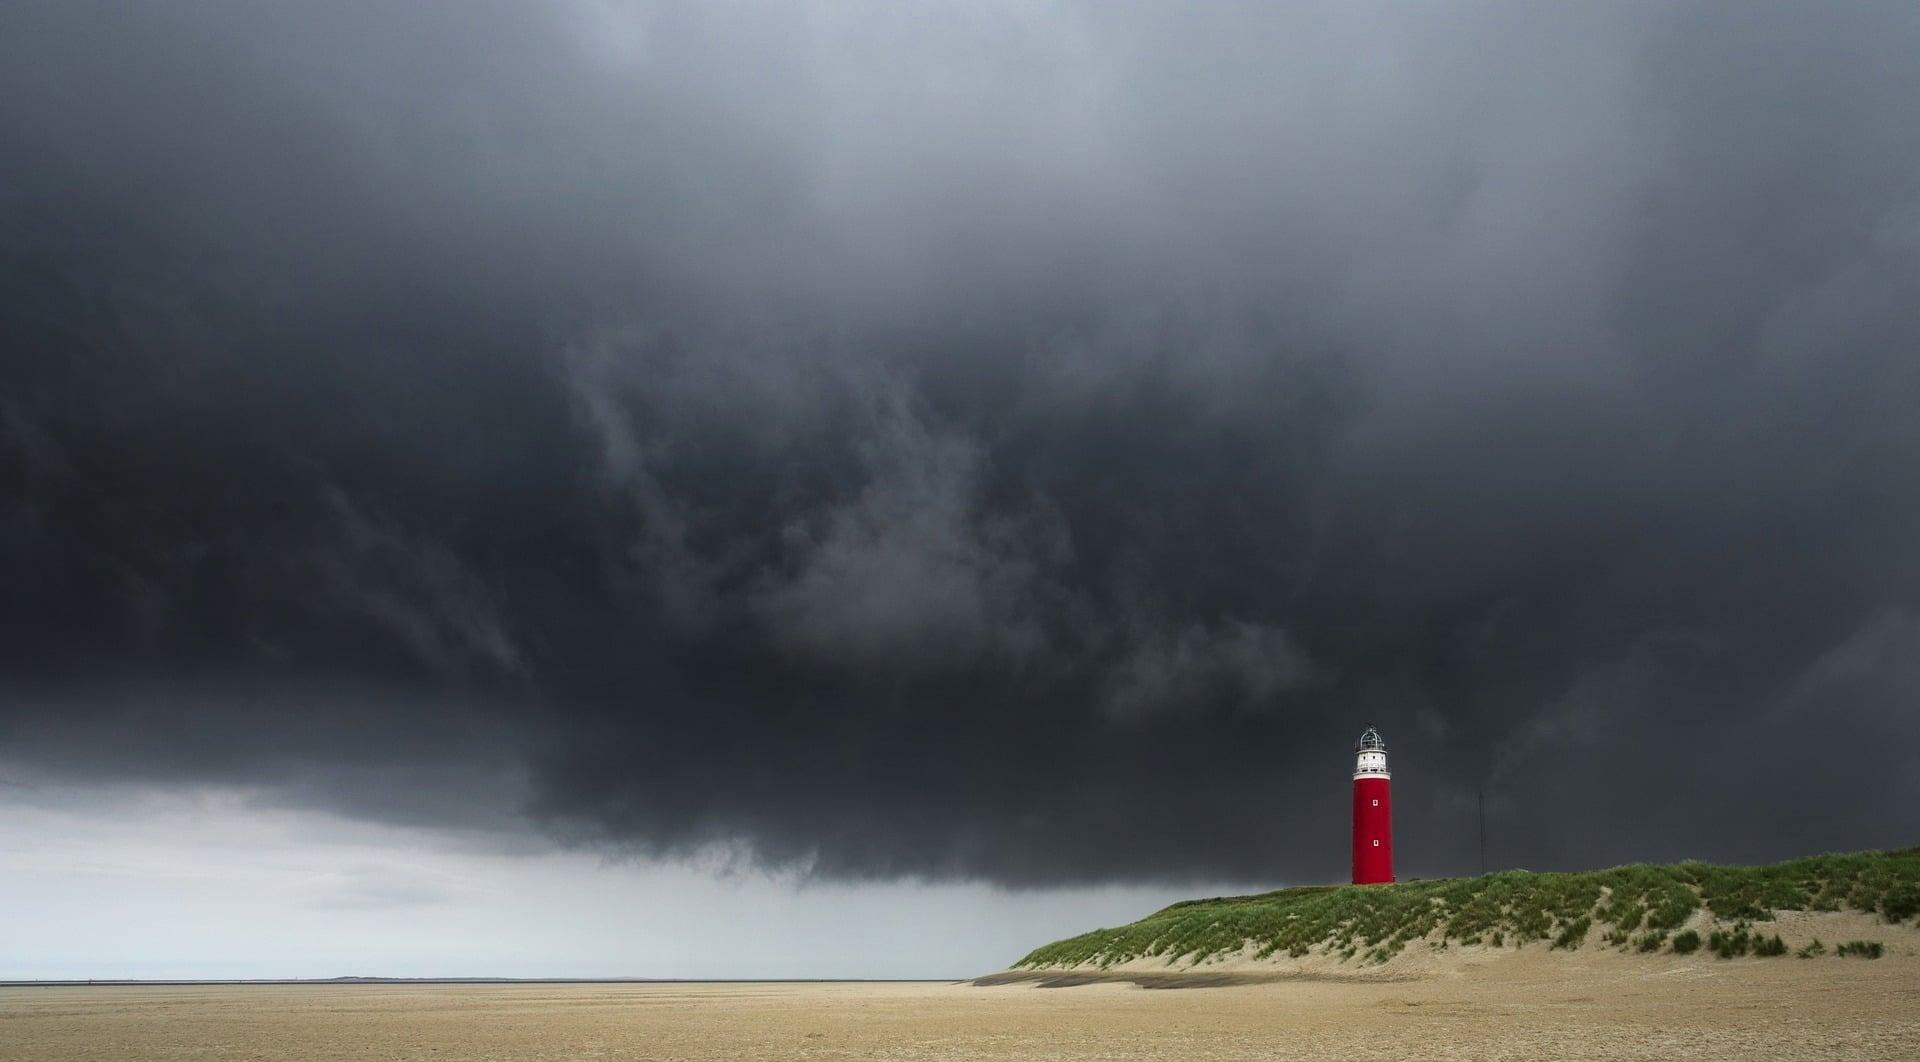 Gestion de crise : quoi faire quand la tempête médiatique frappe?